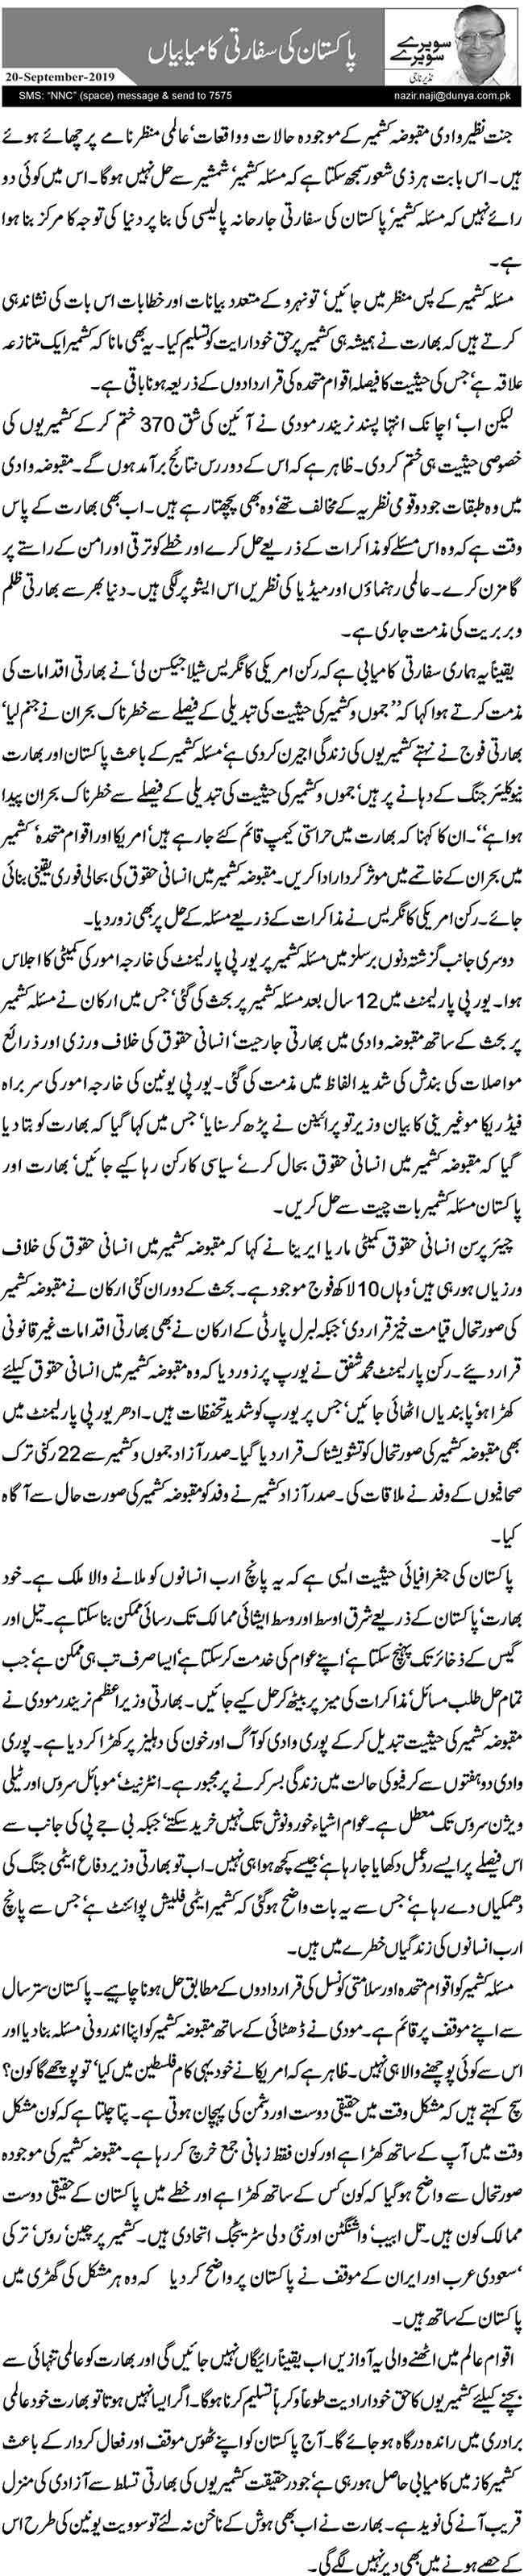 28440 66391743 - پاکستان کی سفارتی کامیابیاں  نذیر ناجی